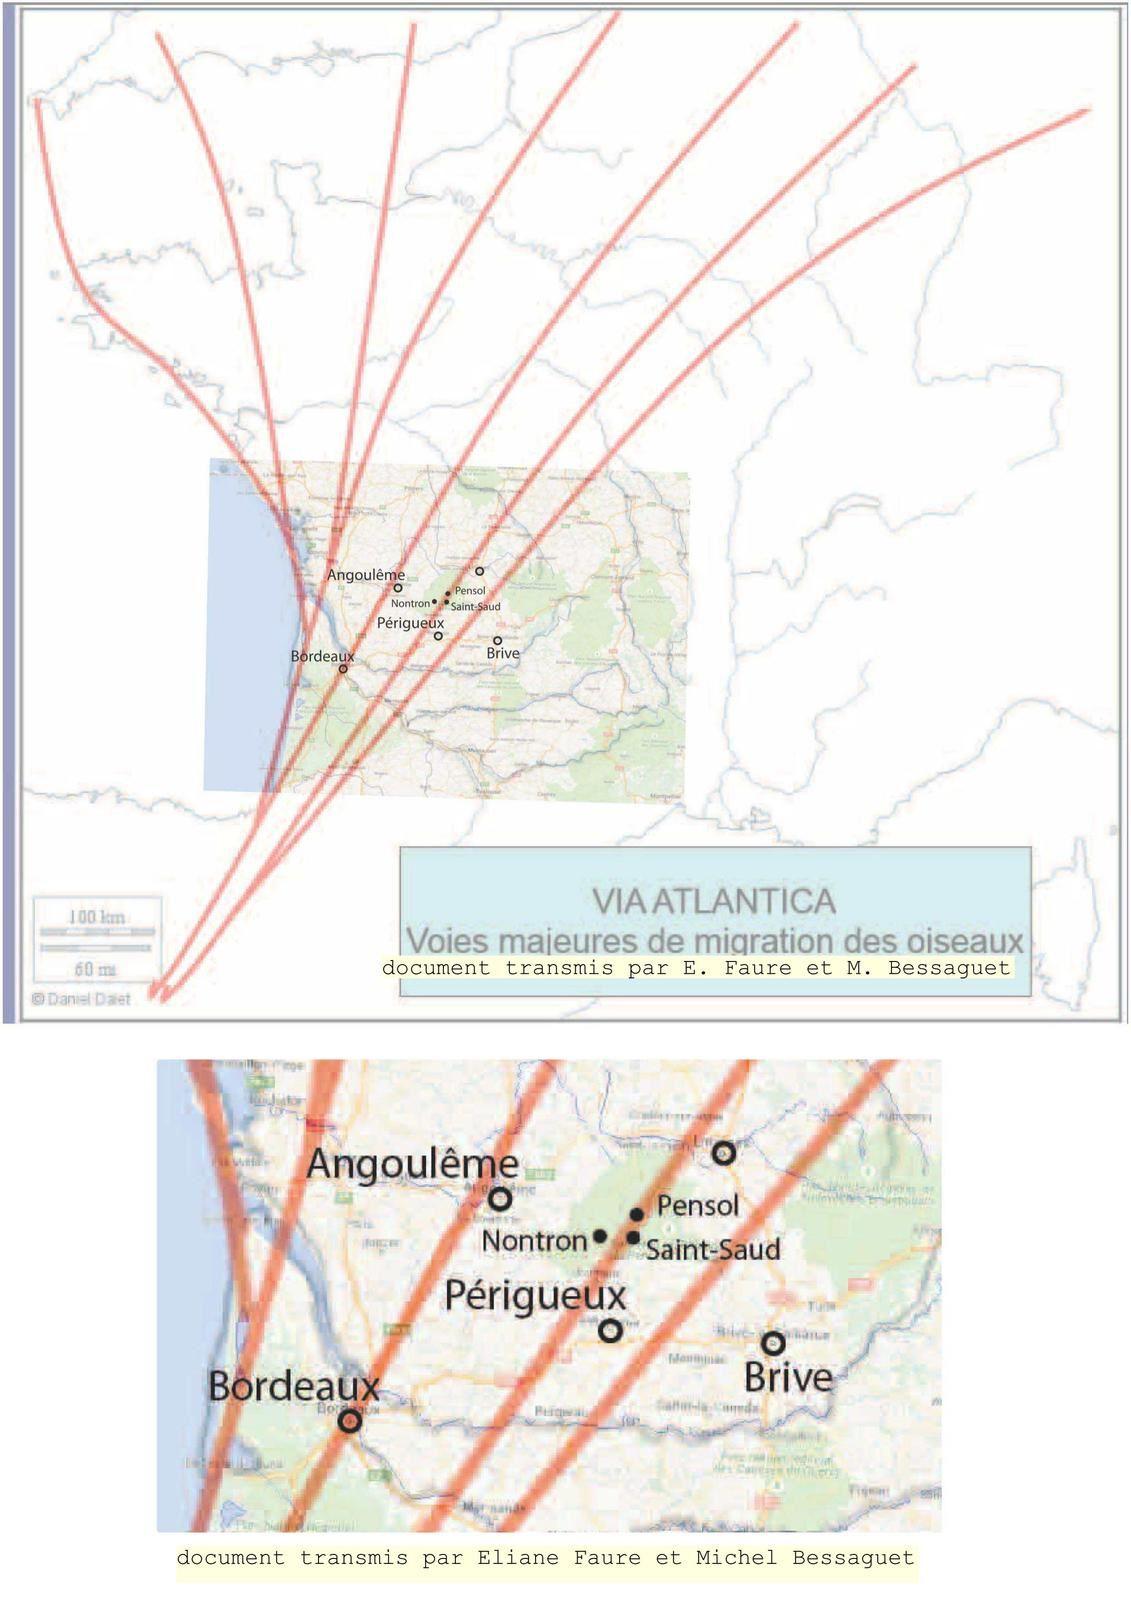 voies majeur de migration des oiseaux